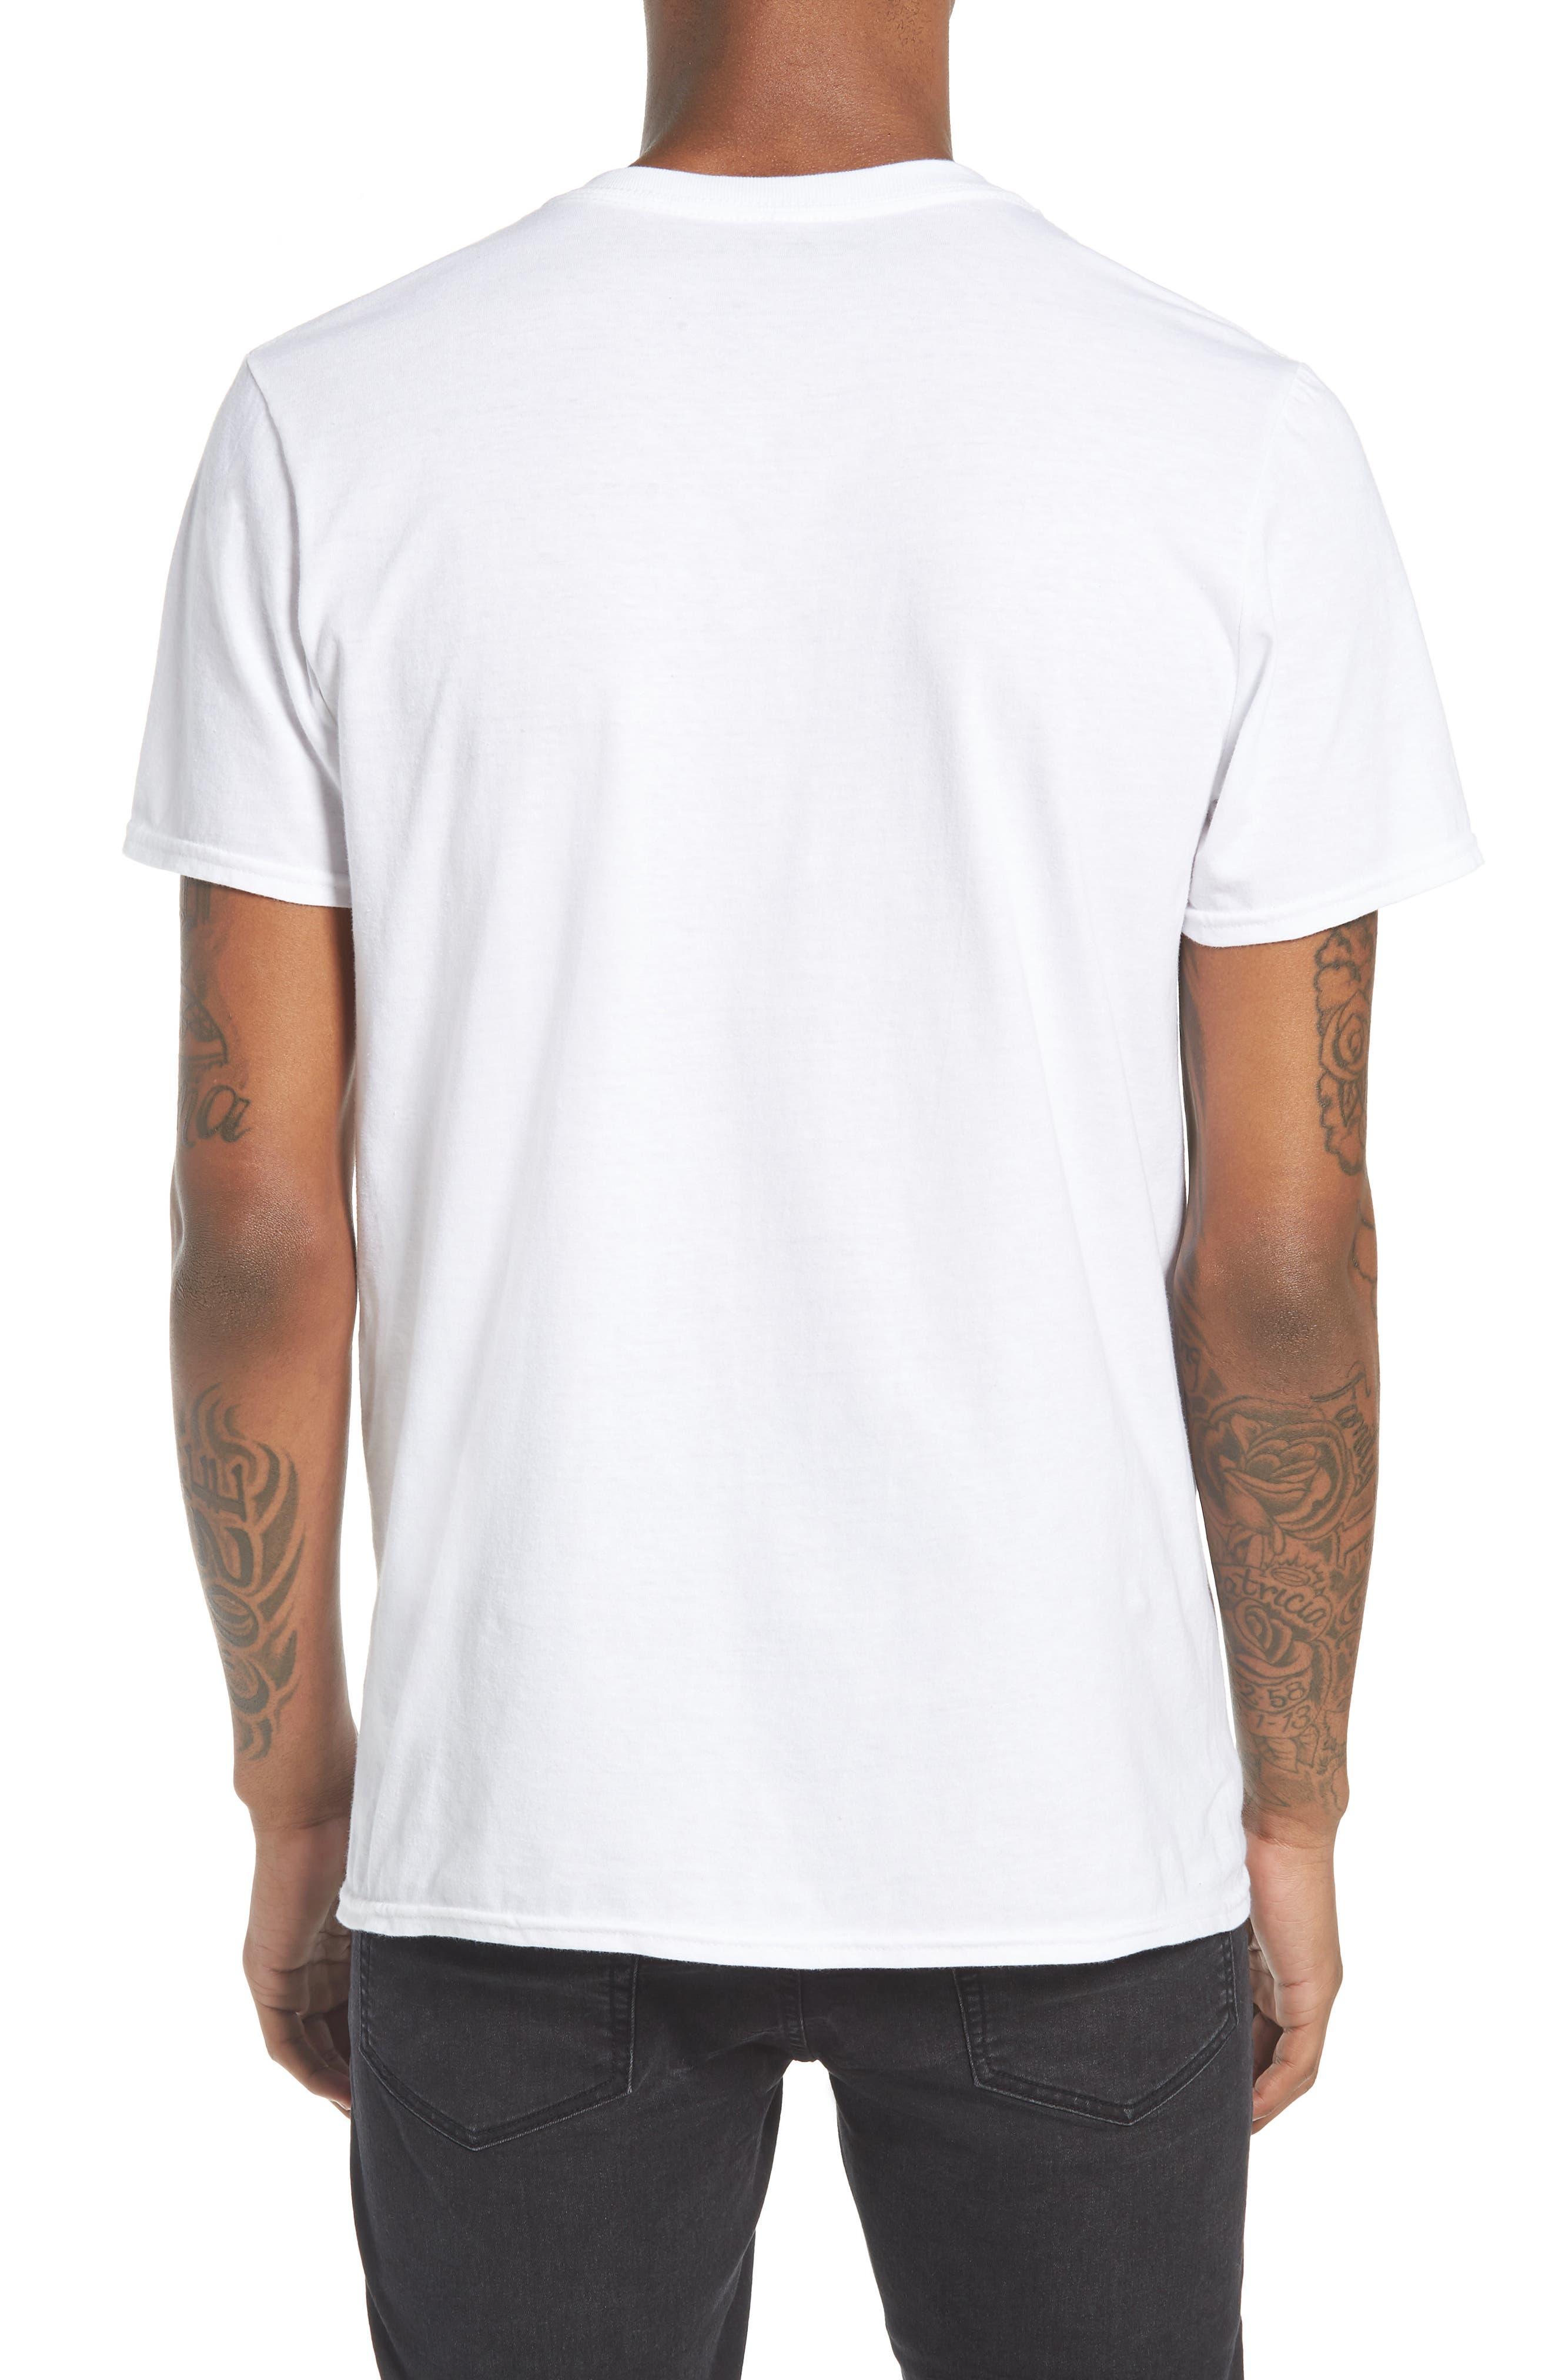 Grateful Dead T-Shirt,                             Alternate thumbnail 2, color,                             White Grateful Dead